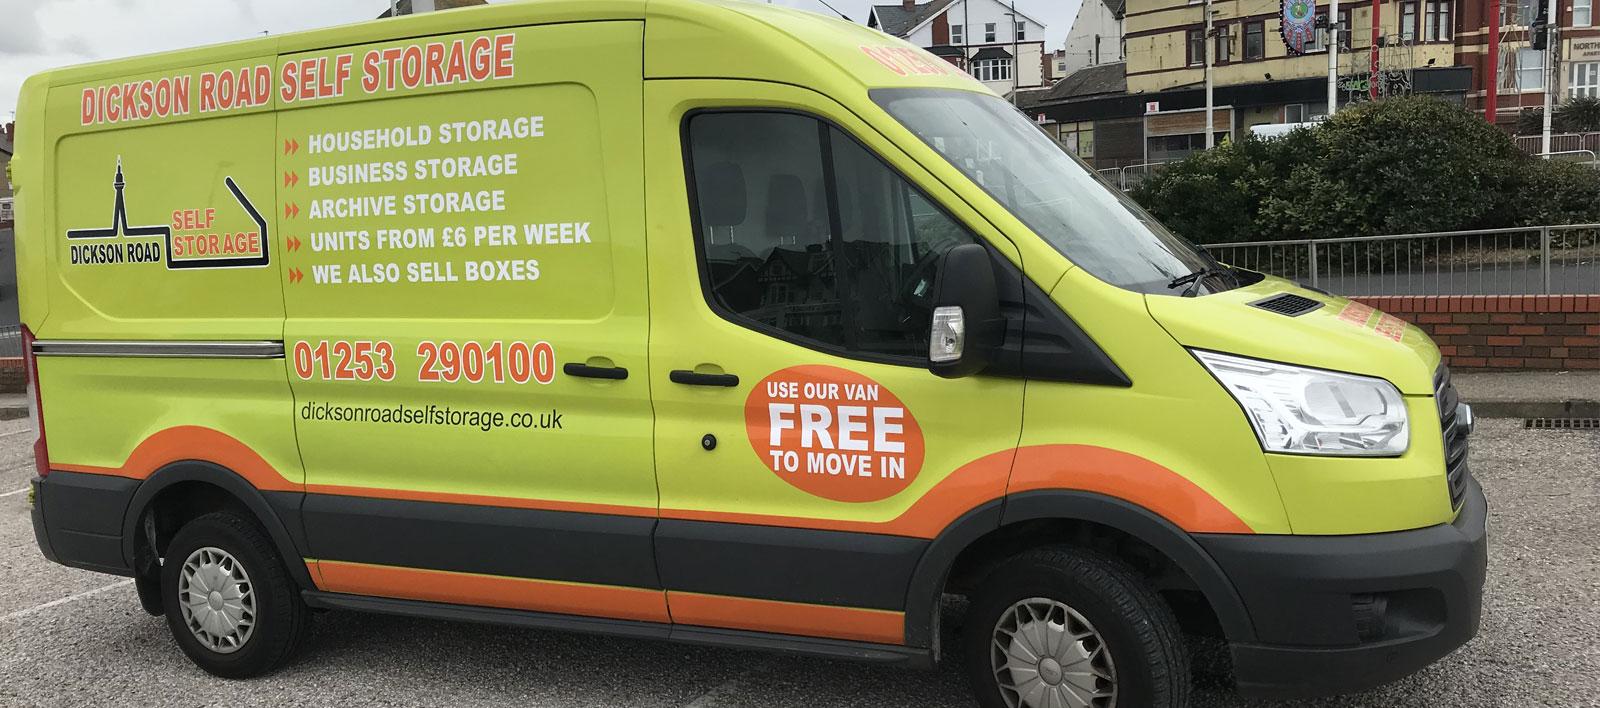 Cheap Van Hire In Blackpool Van Rental Amp Hire Blackpool